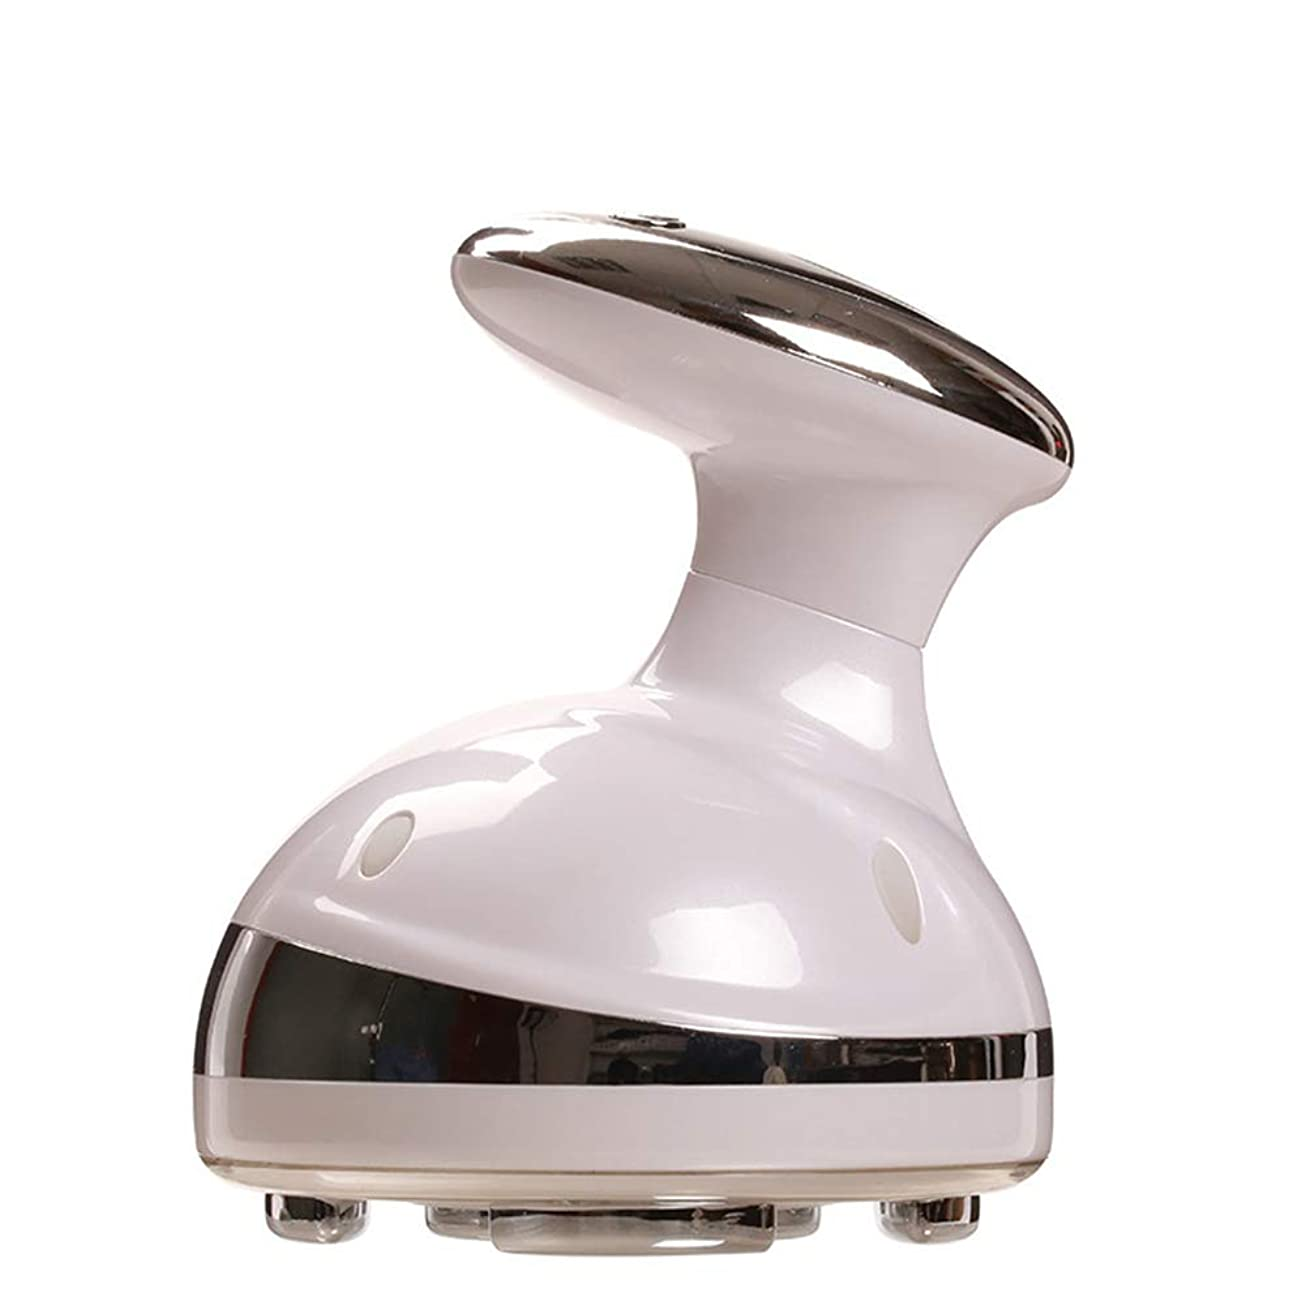 わざわざ受付警察署GQSZ脂肪除去キャビテーション美容機HD LCDレッドライトRFセラピーボディシェーピング超音波マッサージ減量ボディスリミングスキン引き締め,White